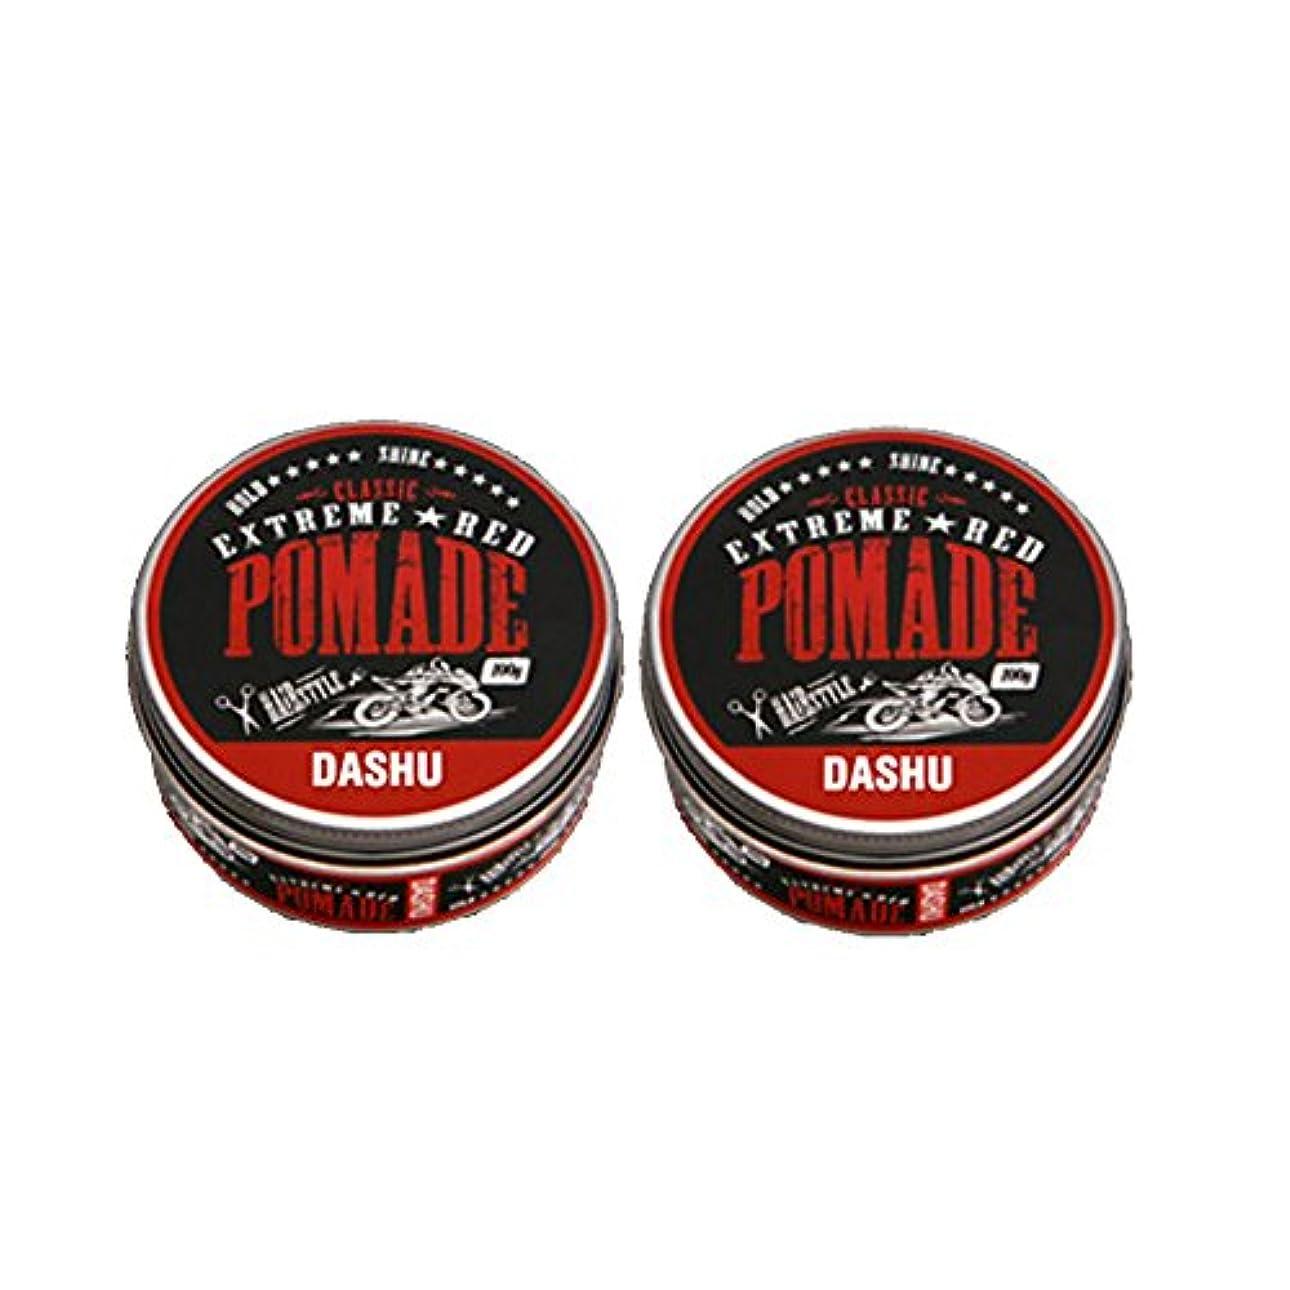 名義で詐欺師酸度(2個セット) x [DASHU] ダシュ クラシックエクストリームレッドポマード Classic Extreme Red Pomade Hair Wax 100ml / 韓国製 . 韓国直送品